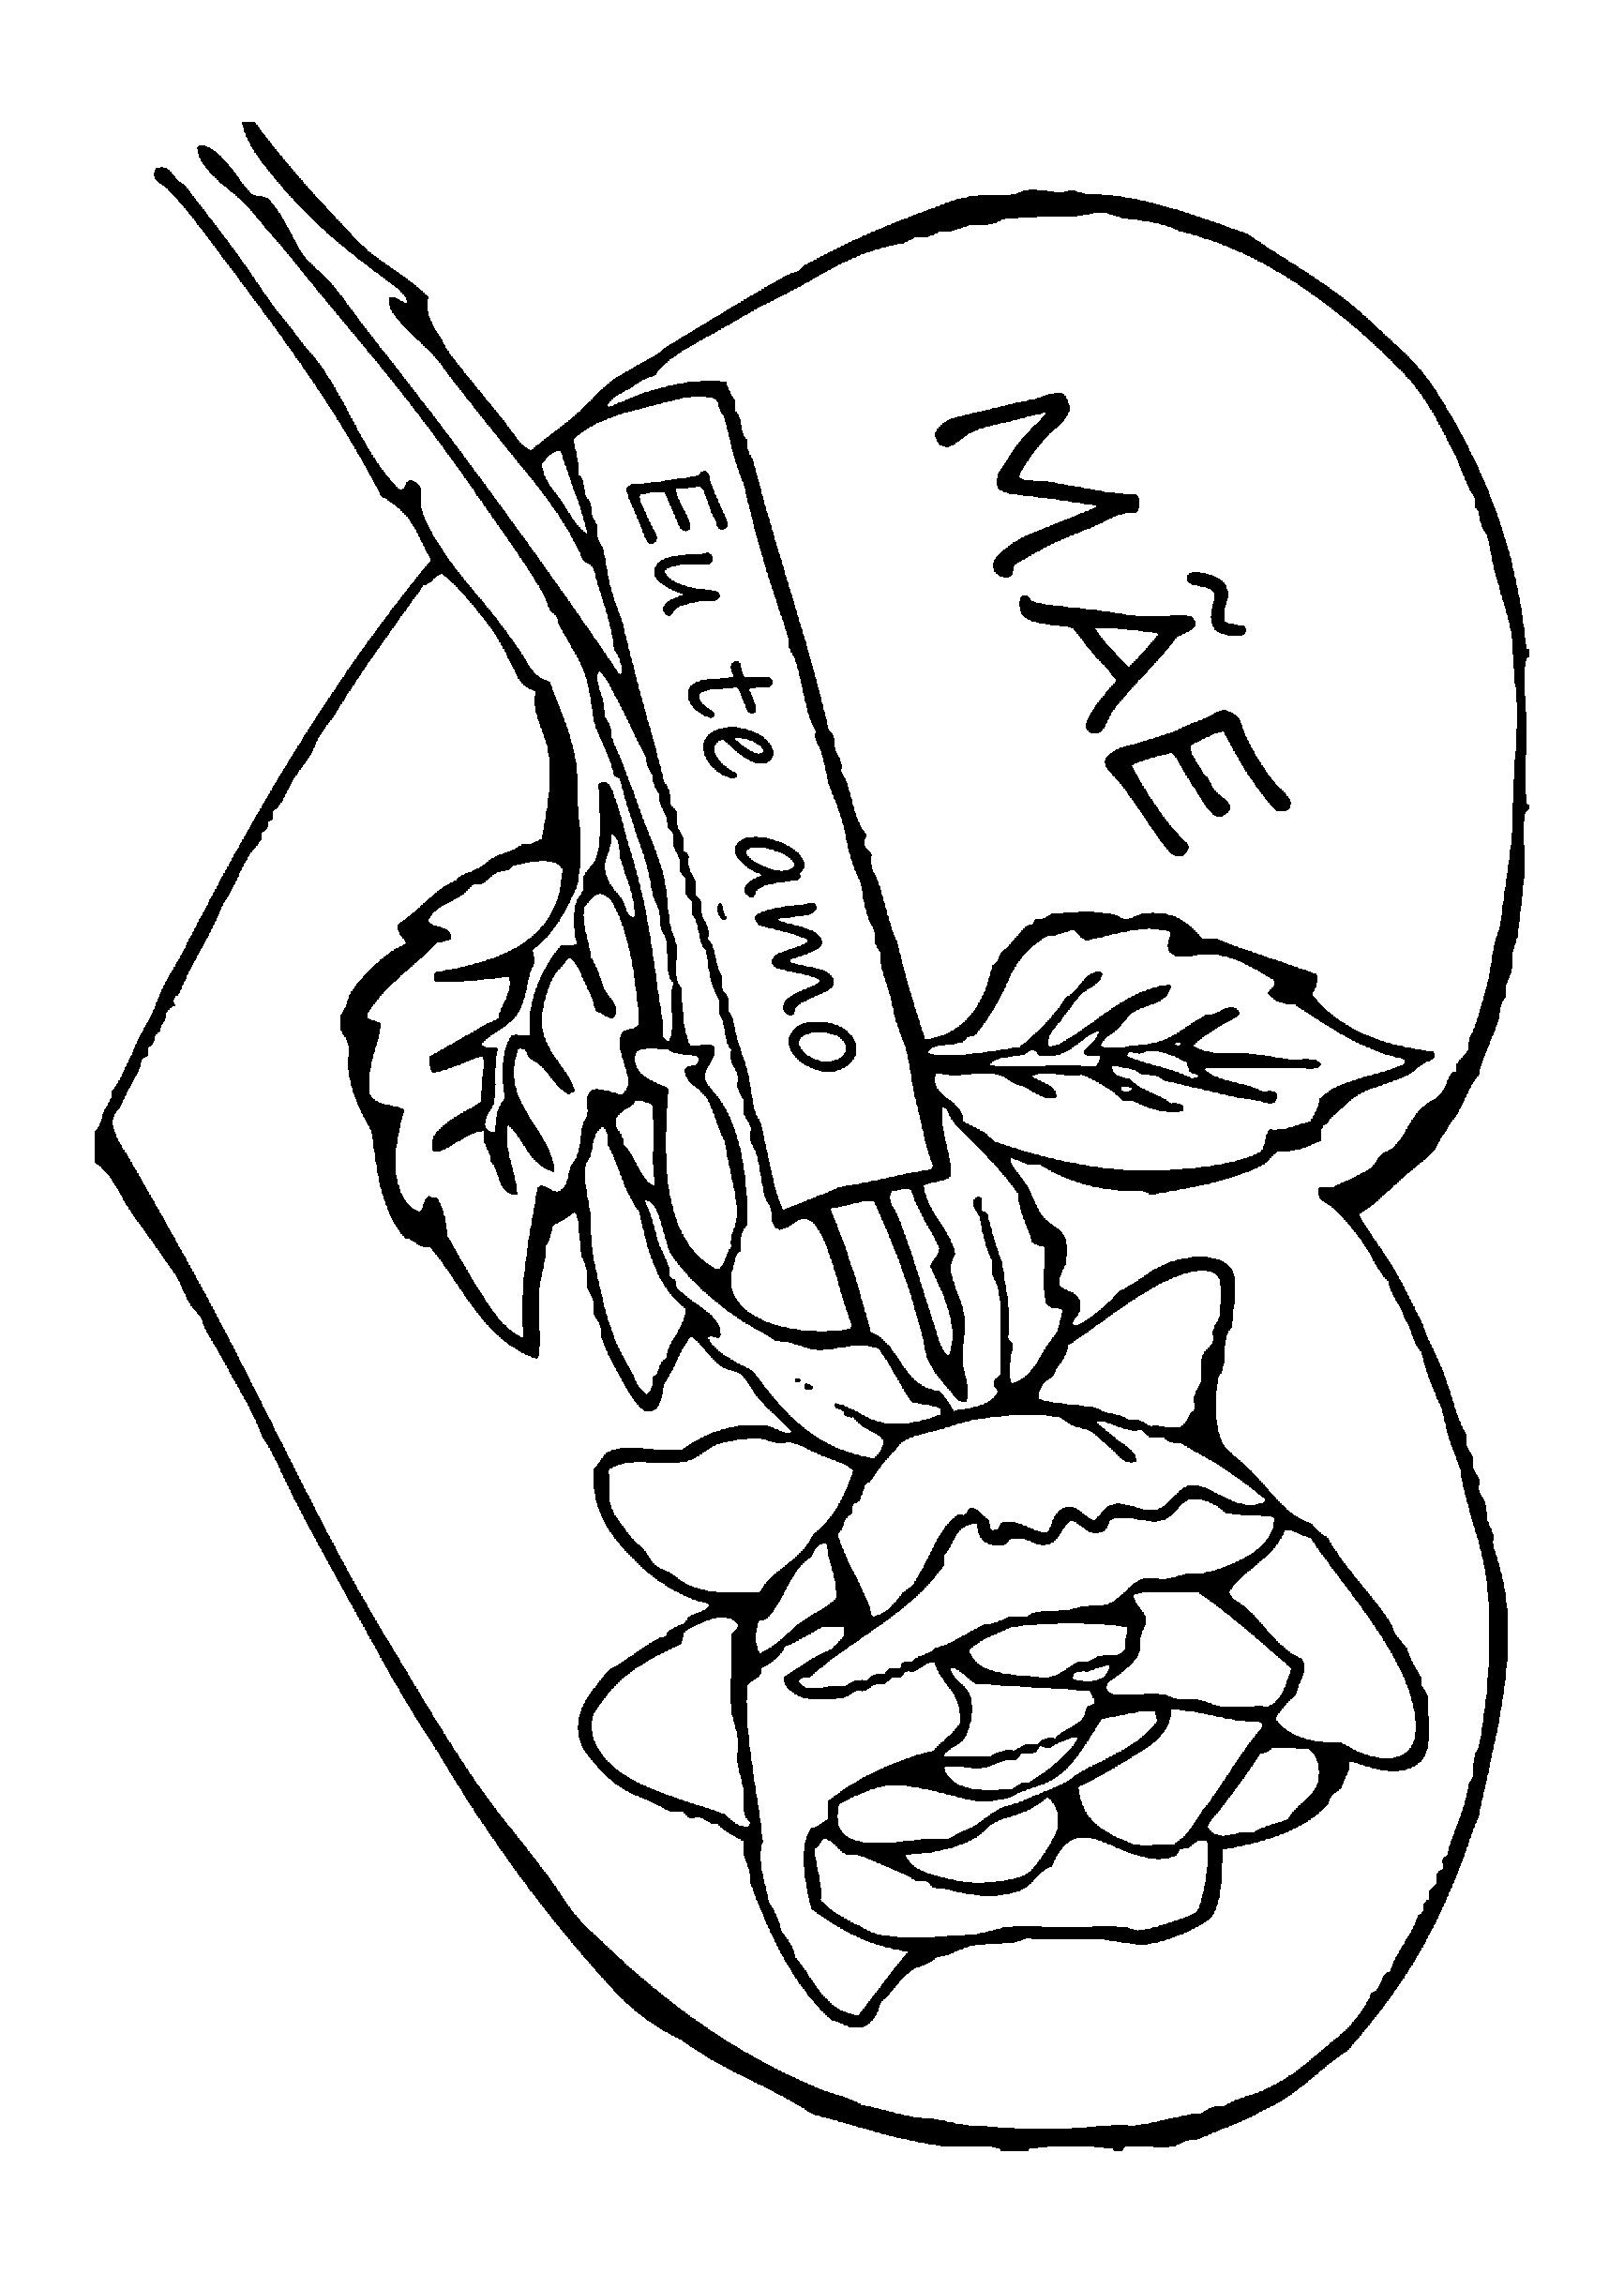 ... para colorir com desenho de rosa e coração para o Dia das Mães